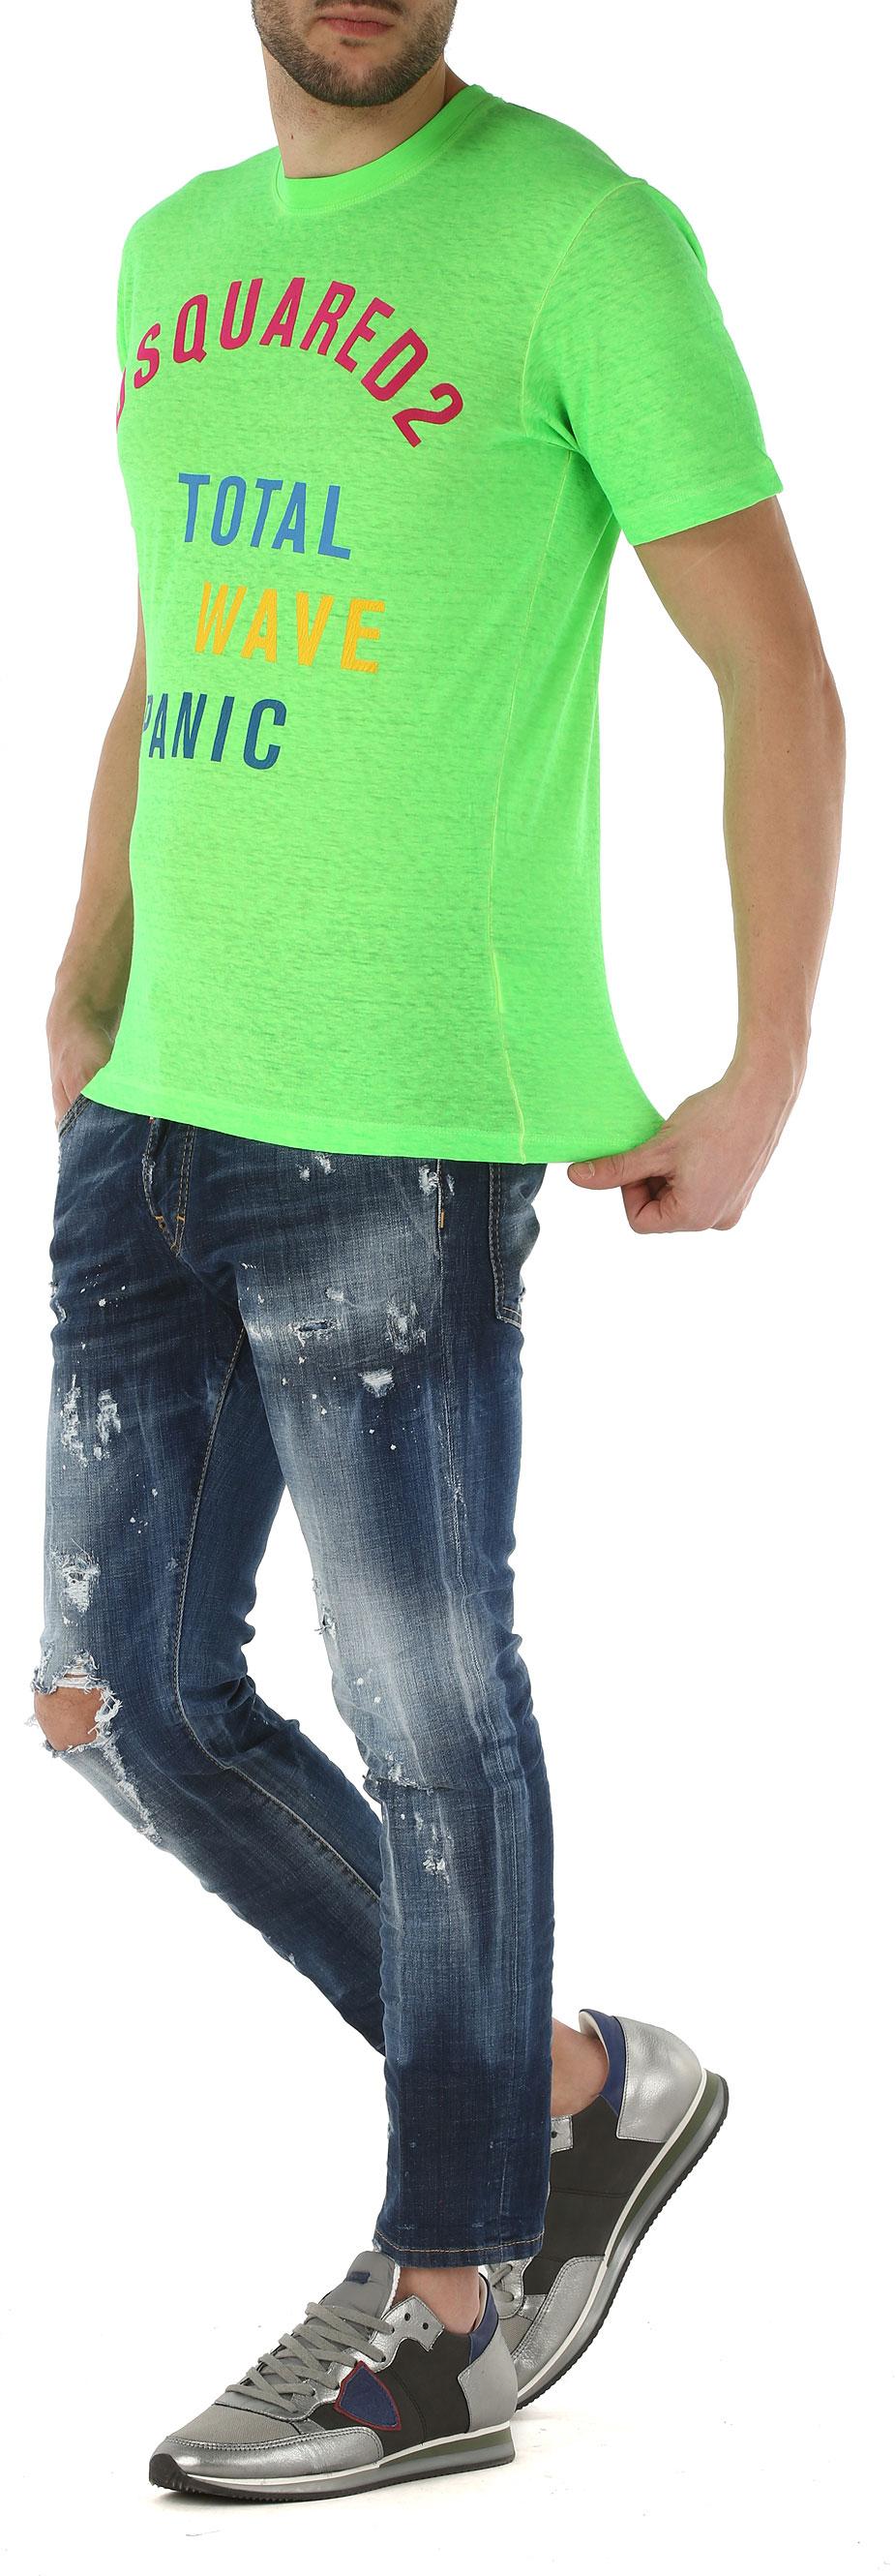 Abbigliamento Uomo Dsquared, Codice Articolo: s7agd0205-s22507-910